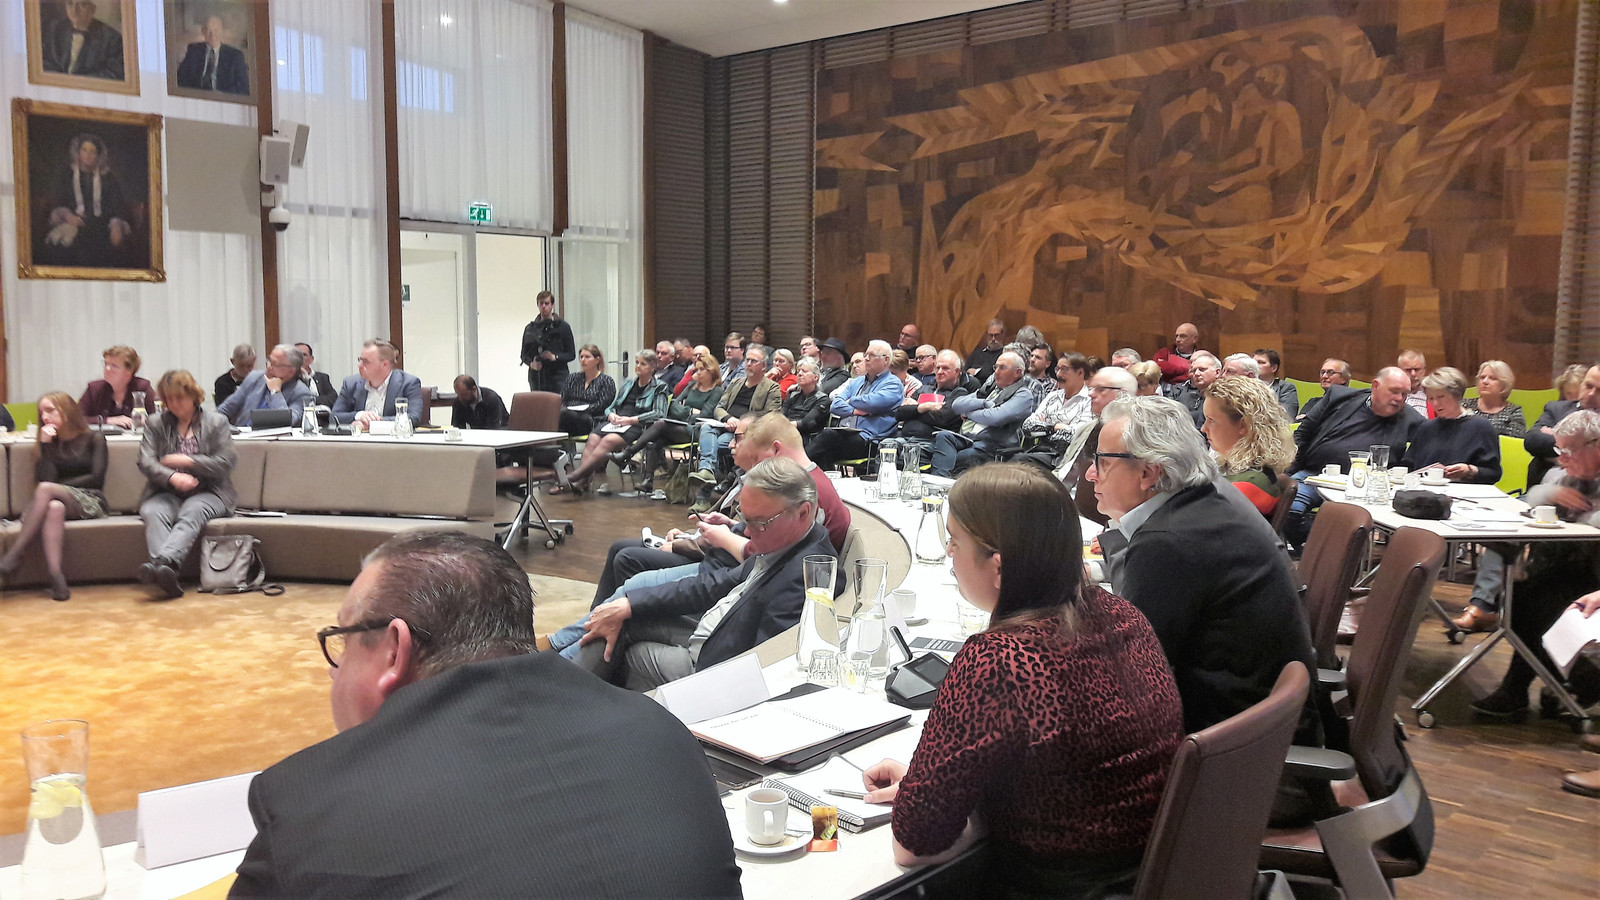 Inwoners van Loon op Zand die meewerkten aan de Toekomstagenda voor hun gemeente, waren massaal aanwezig op de avond dat de gemeenteraad akkoord ging met het document.